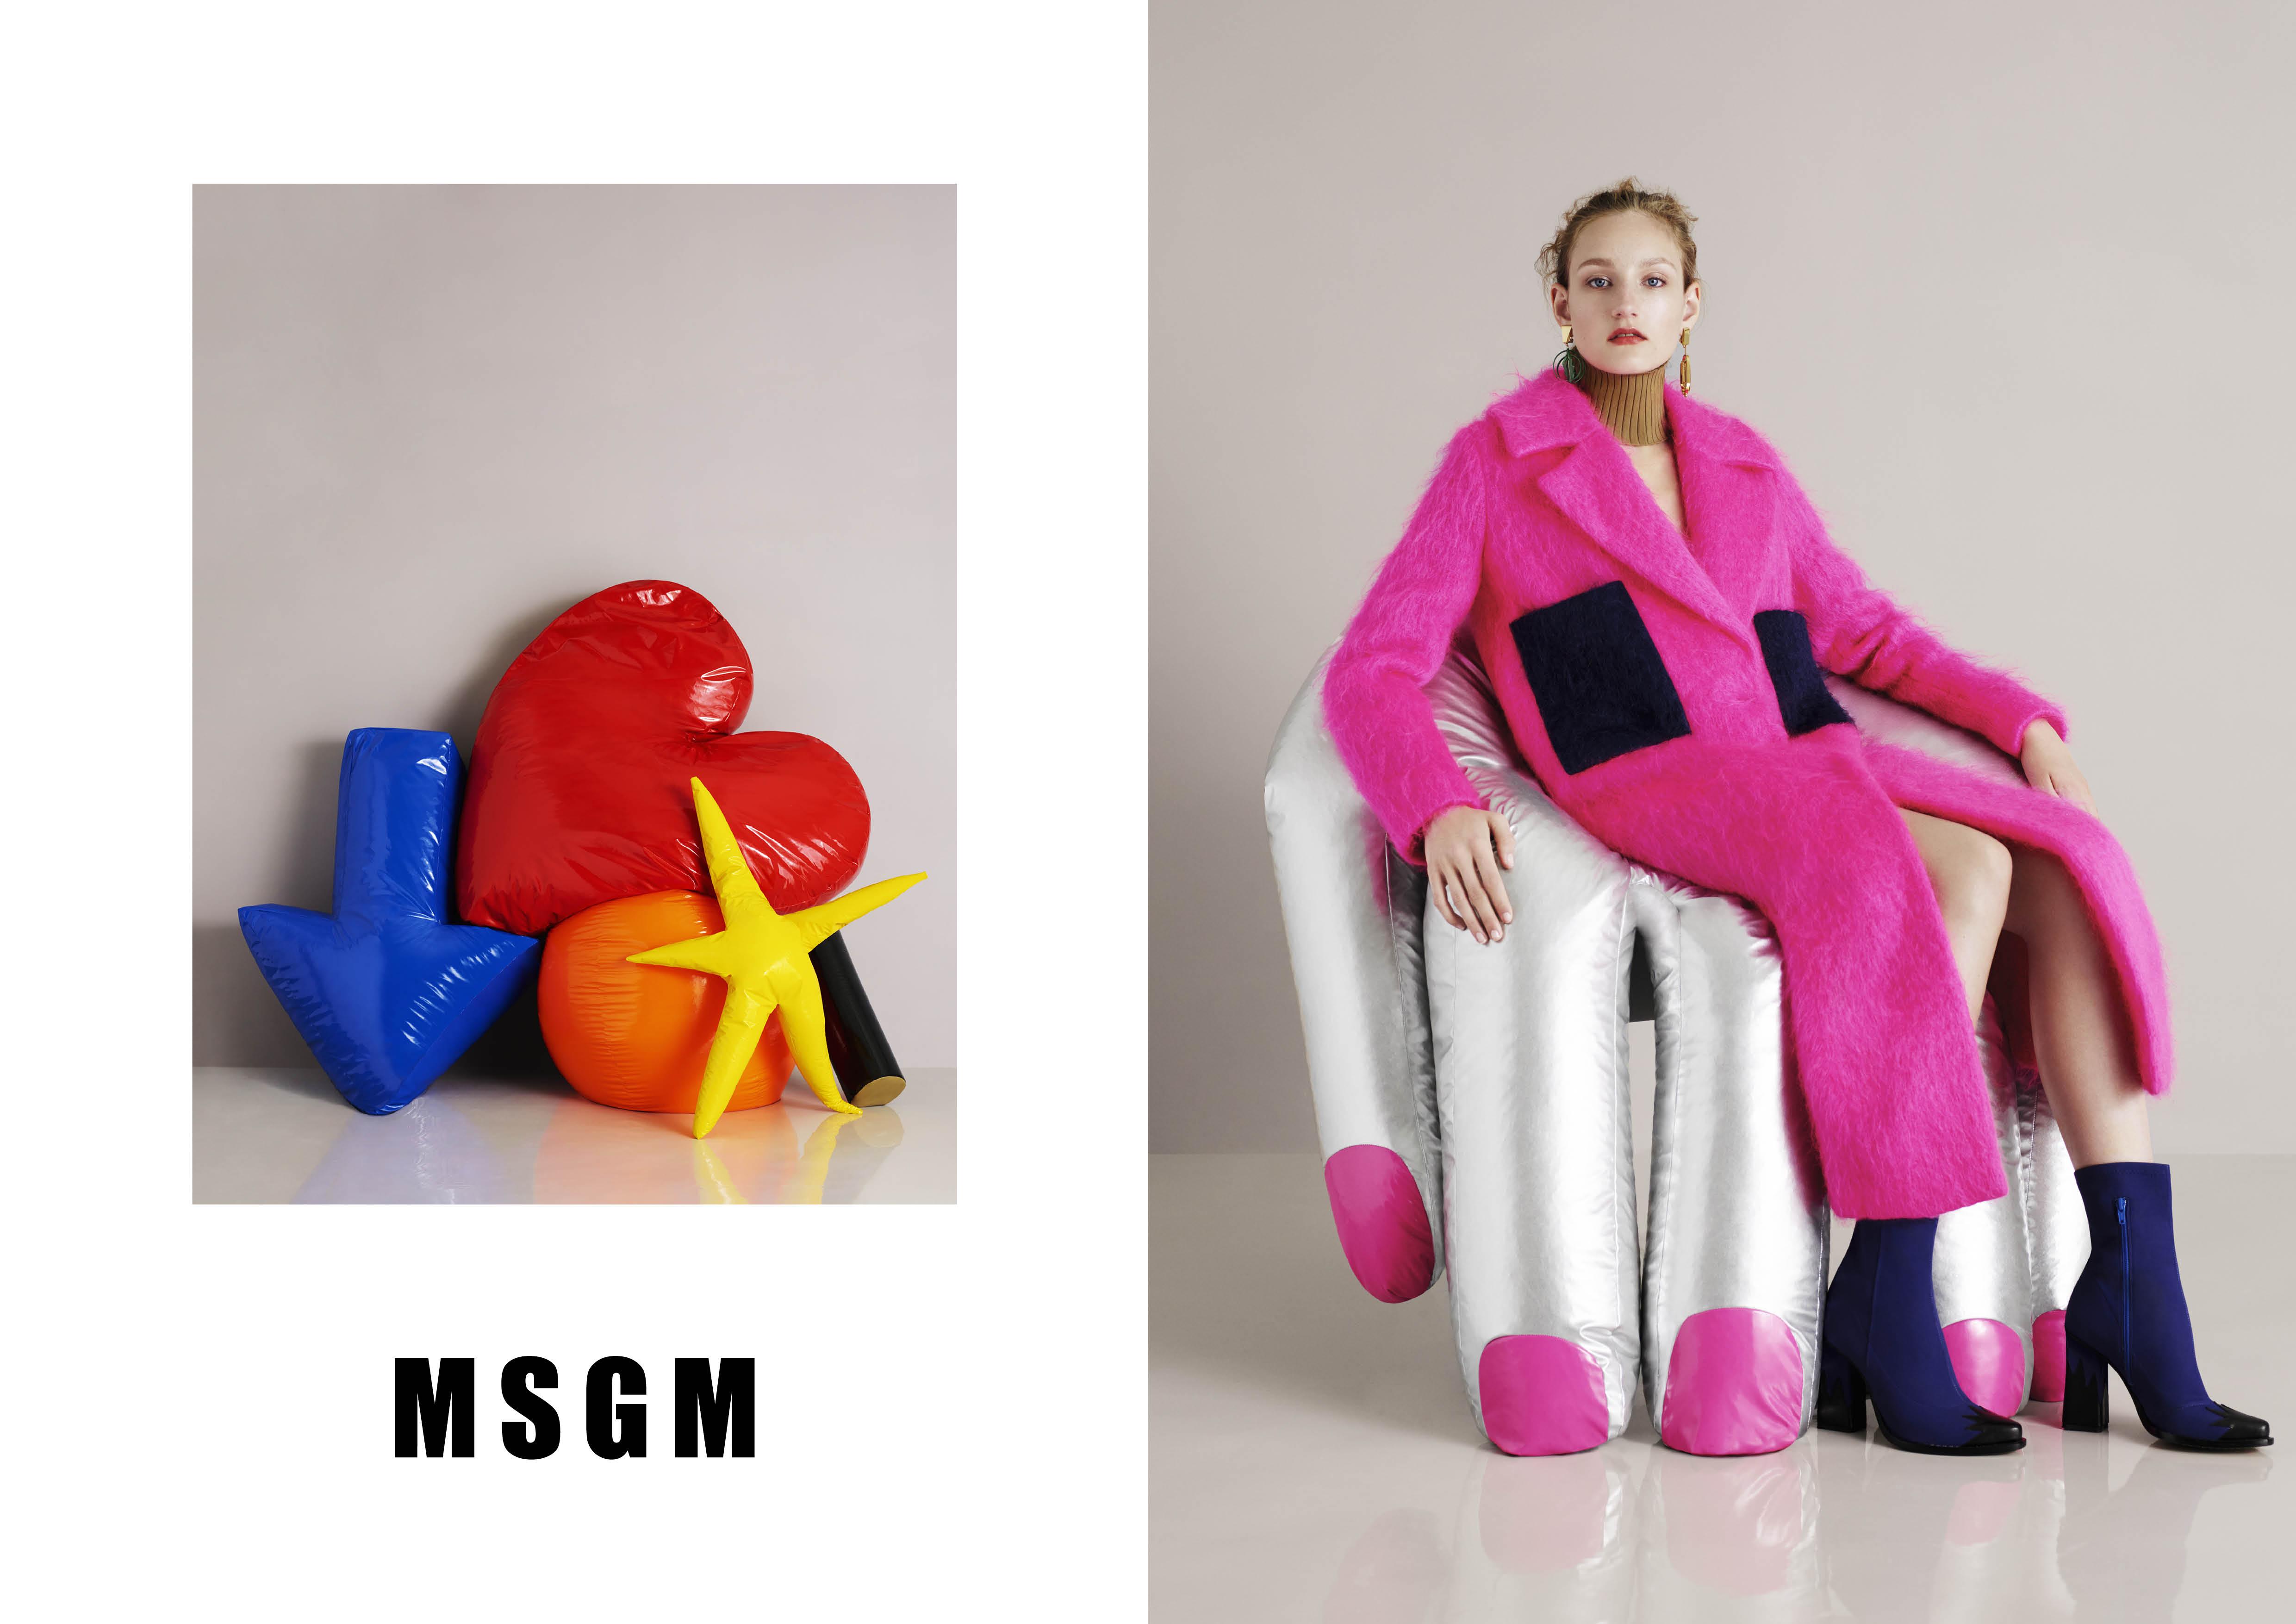 MSGM FW15 CAMPAIGN